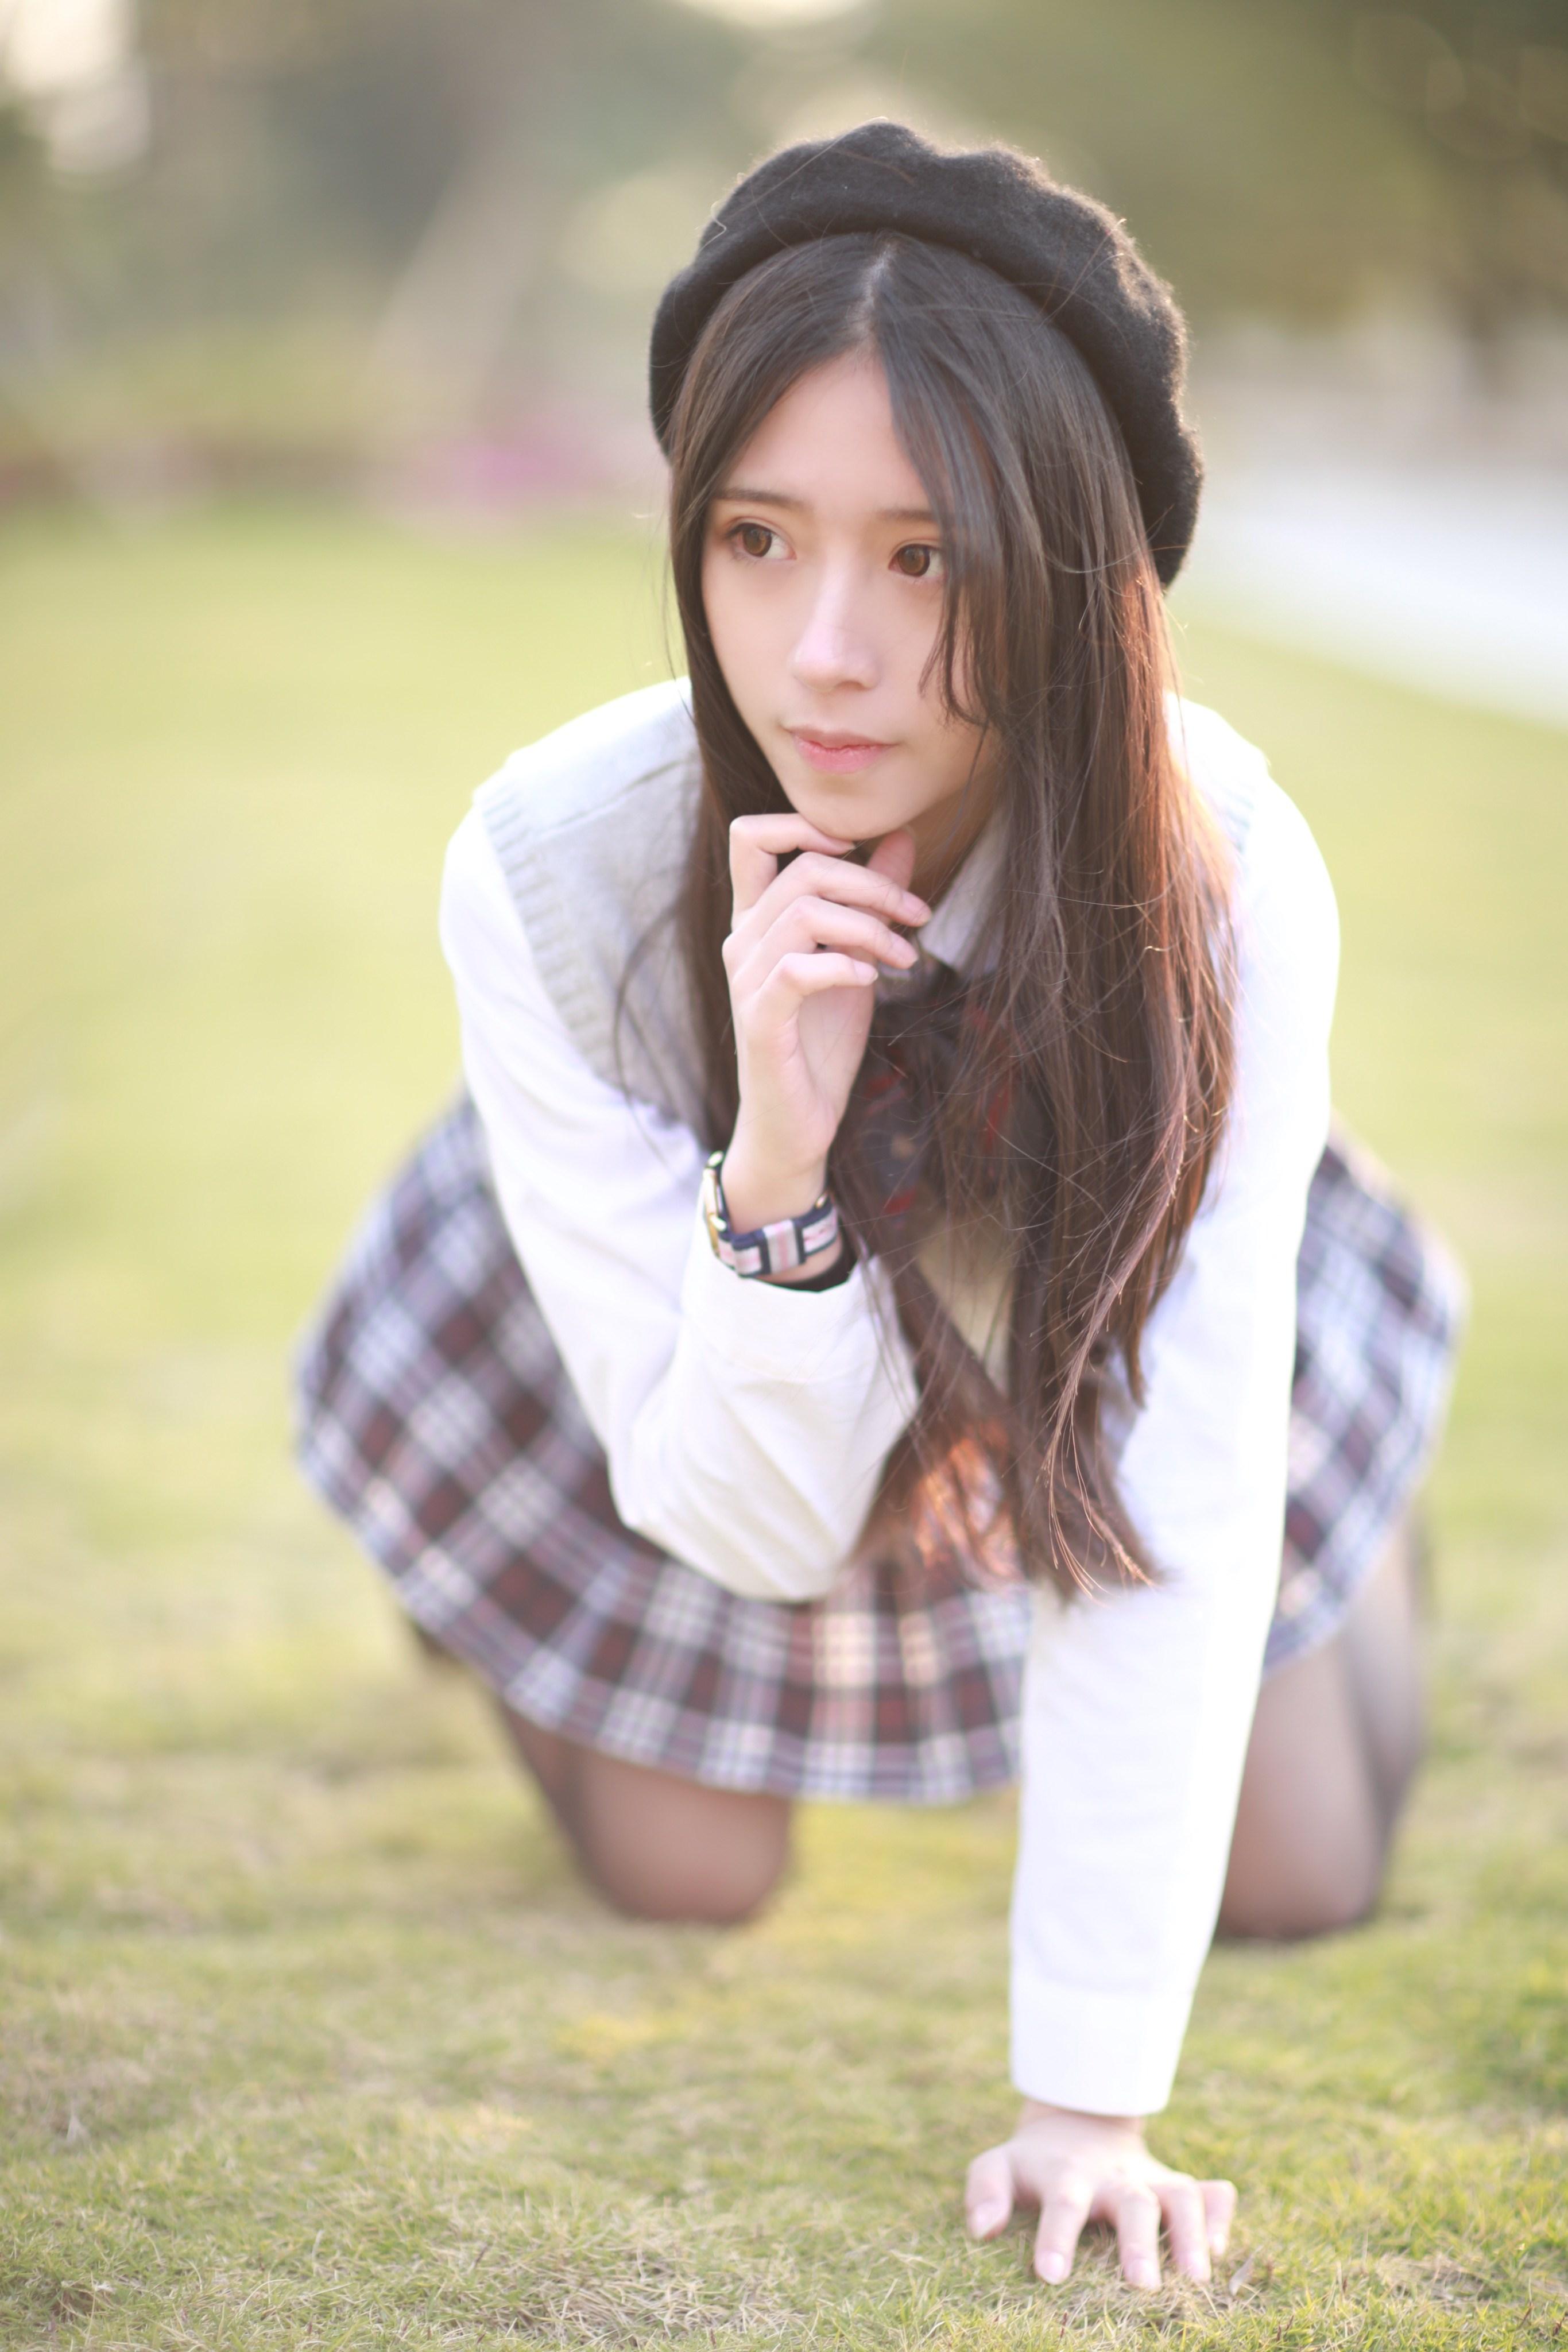 【兔玩映画】制服黑丝 兔玩映画 第17张